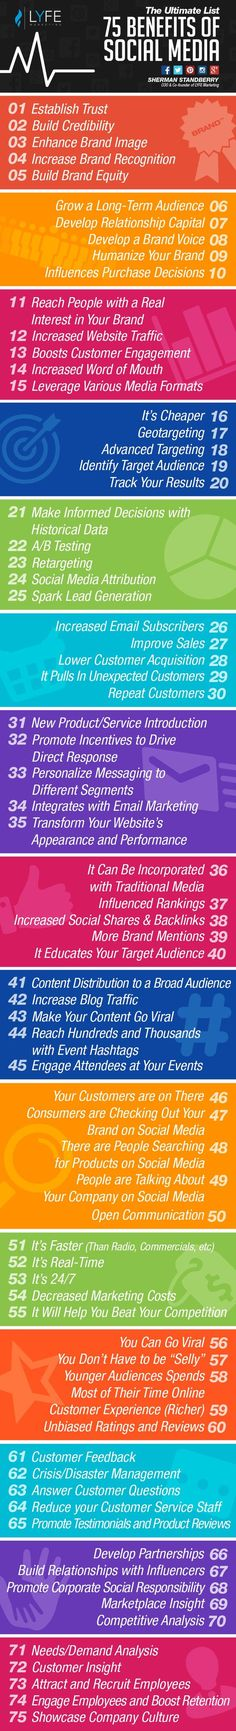 75 ventajas que aportan las #RRSS #socialmedia cc @anlsm30